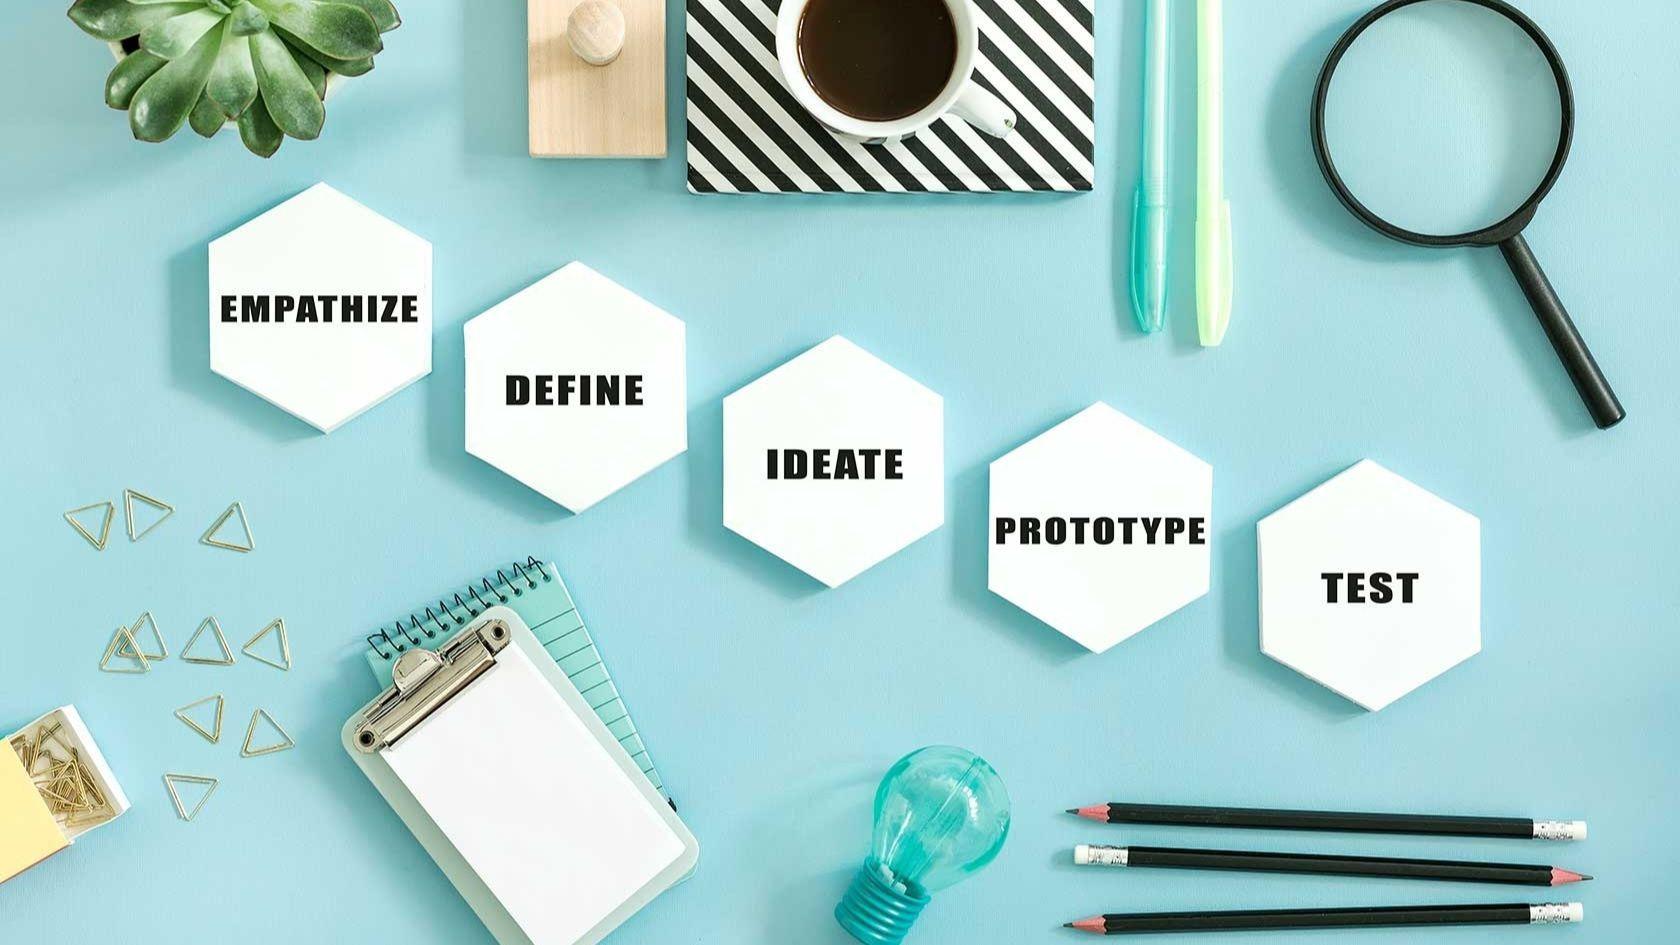 ¿Sabes cómo validar una idea de negocio?